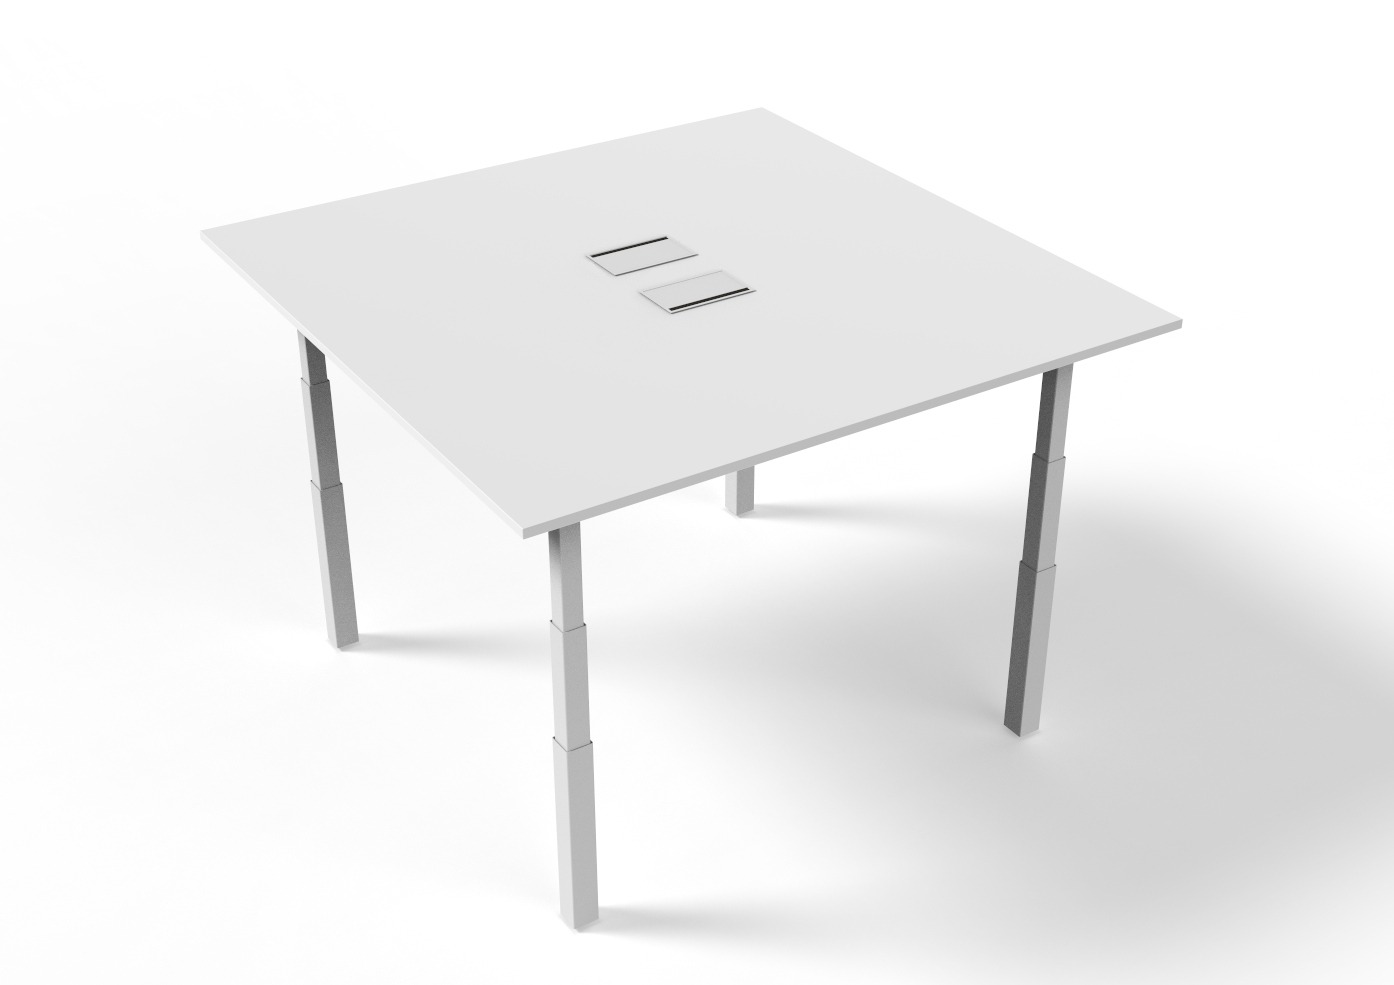 zit-sta vierkante vergadertafel